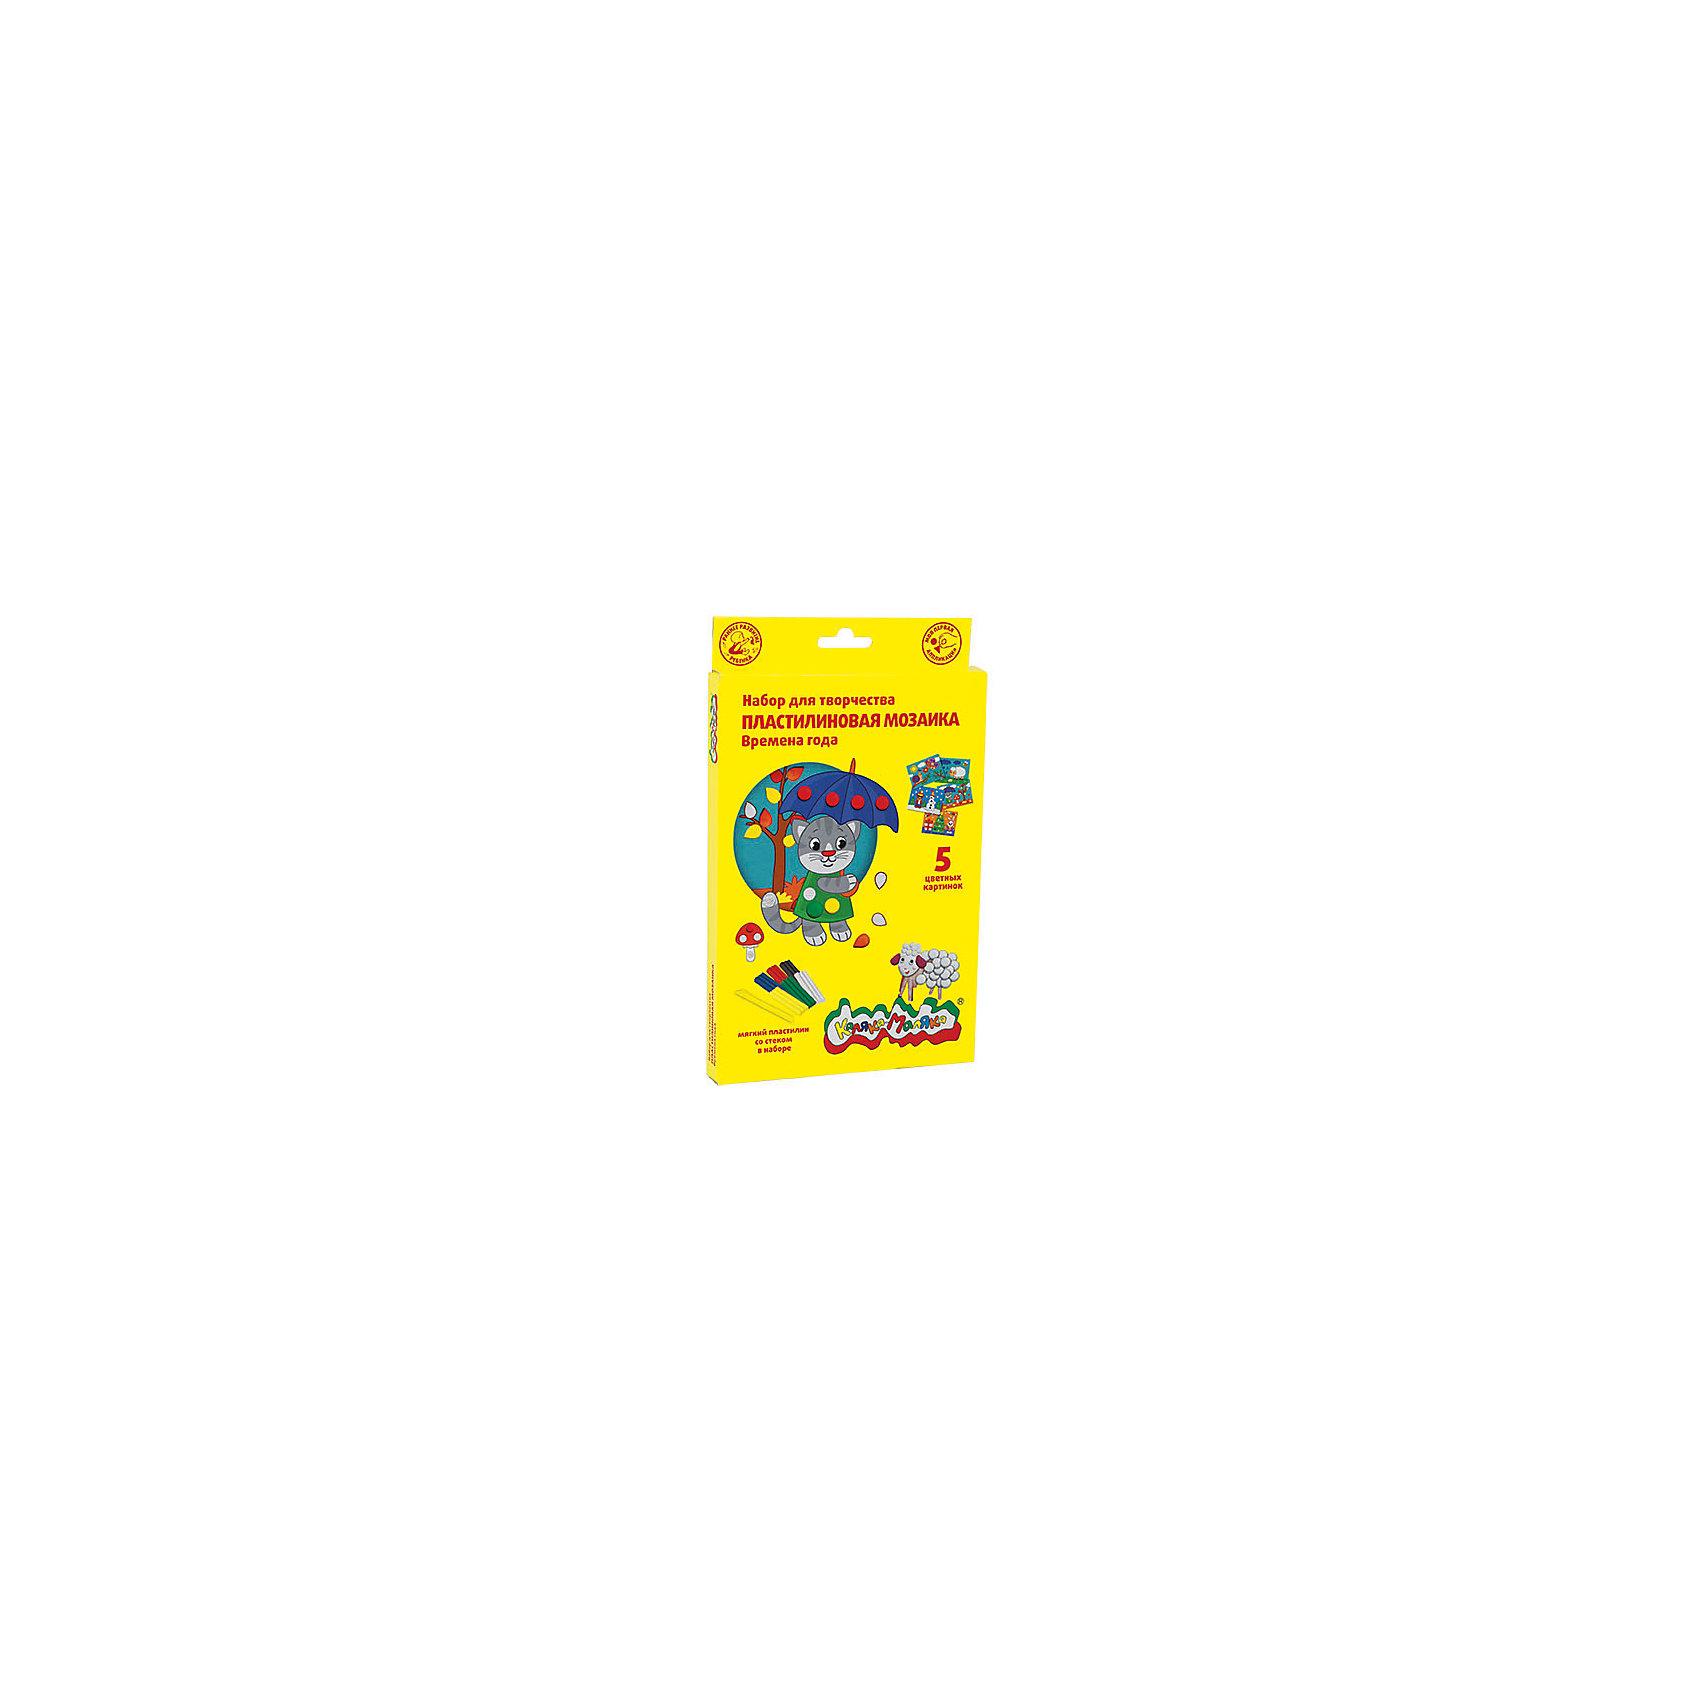 Пластилиновая мозаика 6 цветов Времена года, Каляка-МалякаЛепка<br>Пластилиновая мозаика 6 цветов Времена года, Каляка-Маляка.<br><br>Характеристики:<br><br>• Для детей в возрасте: от 3 до 7 лет<br>• В наборе: 5 картинок, мягкий пластилин 6 цветов, стек<br>• Упаковка: картонная коробка<br>• Размер упаковки: 15,5 х 25 х 2 см.<br><br>Малыши обожают играть с пластилином, но их пальчики еще не готовы к тому, чтобы создавать большие пластилиновые картины. Поэтому первой ступенью в занятиях пластилином является именно пластилиновая мозаика. Набор пластилиновой мозаики Времена года - это целых 5 ярких картинок и мягкий пластилин 6 цветов со стеком. <br><br>На картинках часть деталей оставлена не закрашенной. Малышу нужно будет заполнить пластилином кружочки, капельки, полоски. В процессе игры дети научатся раскатывать, сплющивать пластилин, размазывать его пальчиками по картинке, смешивать цвета. В набор вложен пластилин с особенной мягкой текстурой - ребенку будет очень легко и приятно с ним работать. Картинки выполнены на плотном картоне - готовую работу можно будет поставить на полку, чтобы малыш гордился своей поделкой!<br><br>Пластилиновую мозаику 6 цветов Времена года, Каляка-Маляка можно купить в нашем интернет-магазине.<br><br>Ширина мм: 115<br>Глубина мм: 125<br>Высота мм: 250<br>Вес г: 150<br>Возраст от месяцев: 36<br>Возраст до месяцев: 84<br>Пол: Унисекс<br>Возраст: Детский<br>SKU: 5562958